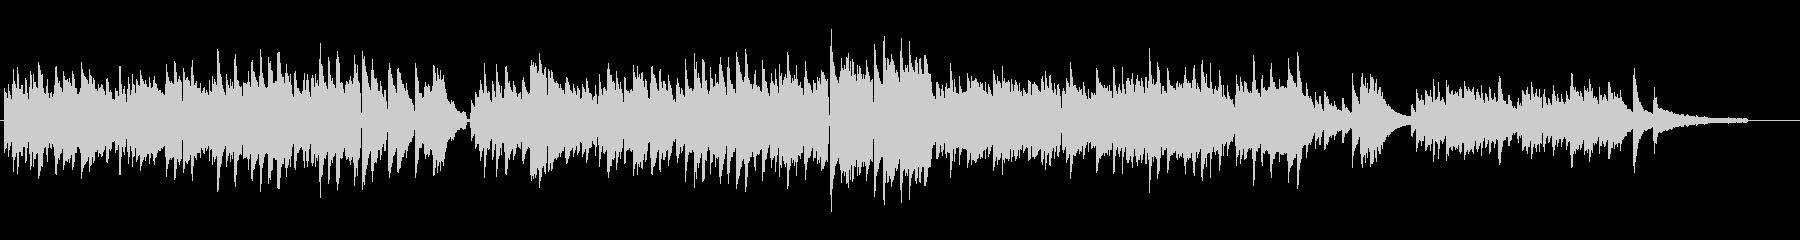 正統派ピアノ曲の未再生の波形